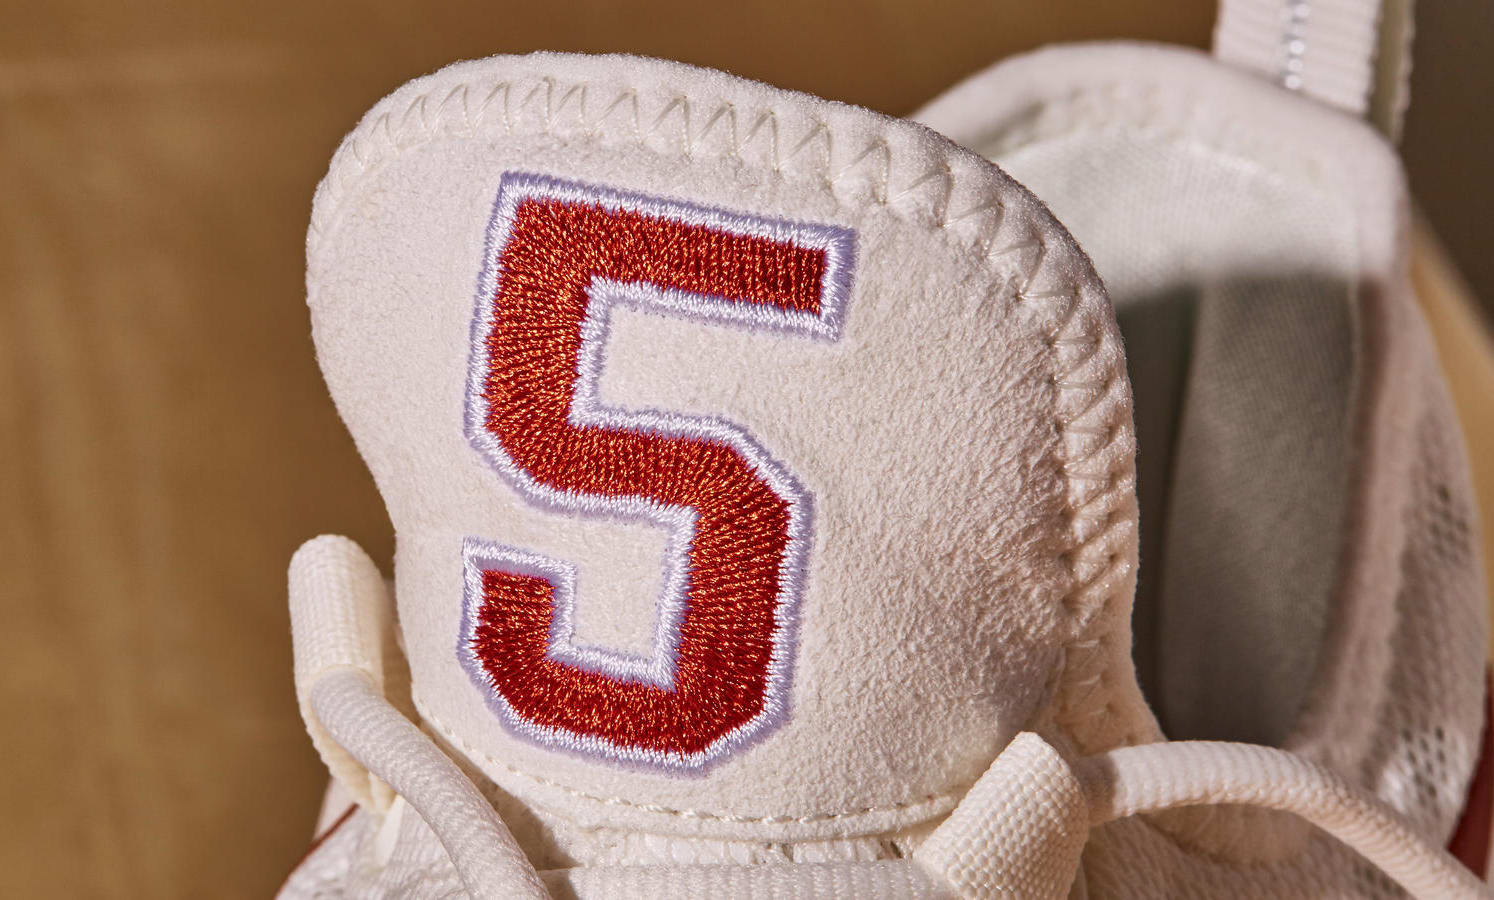 finest selection beecc 513c1 ... Image via Nike Texas Nike KD 9 Tongue ...